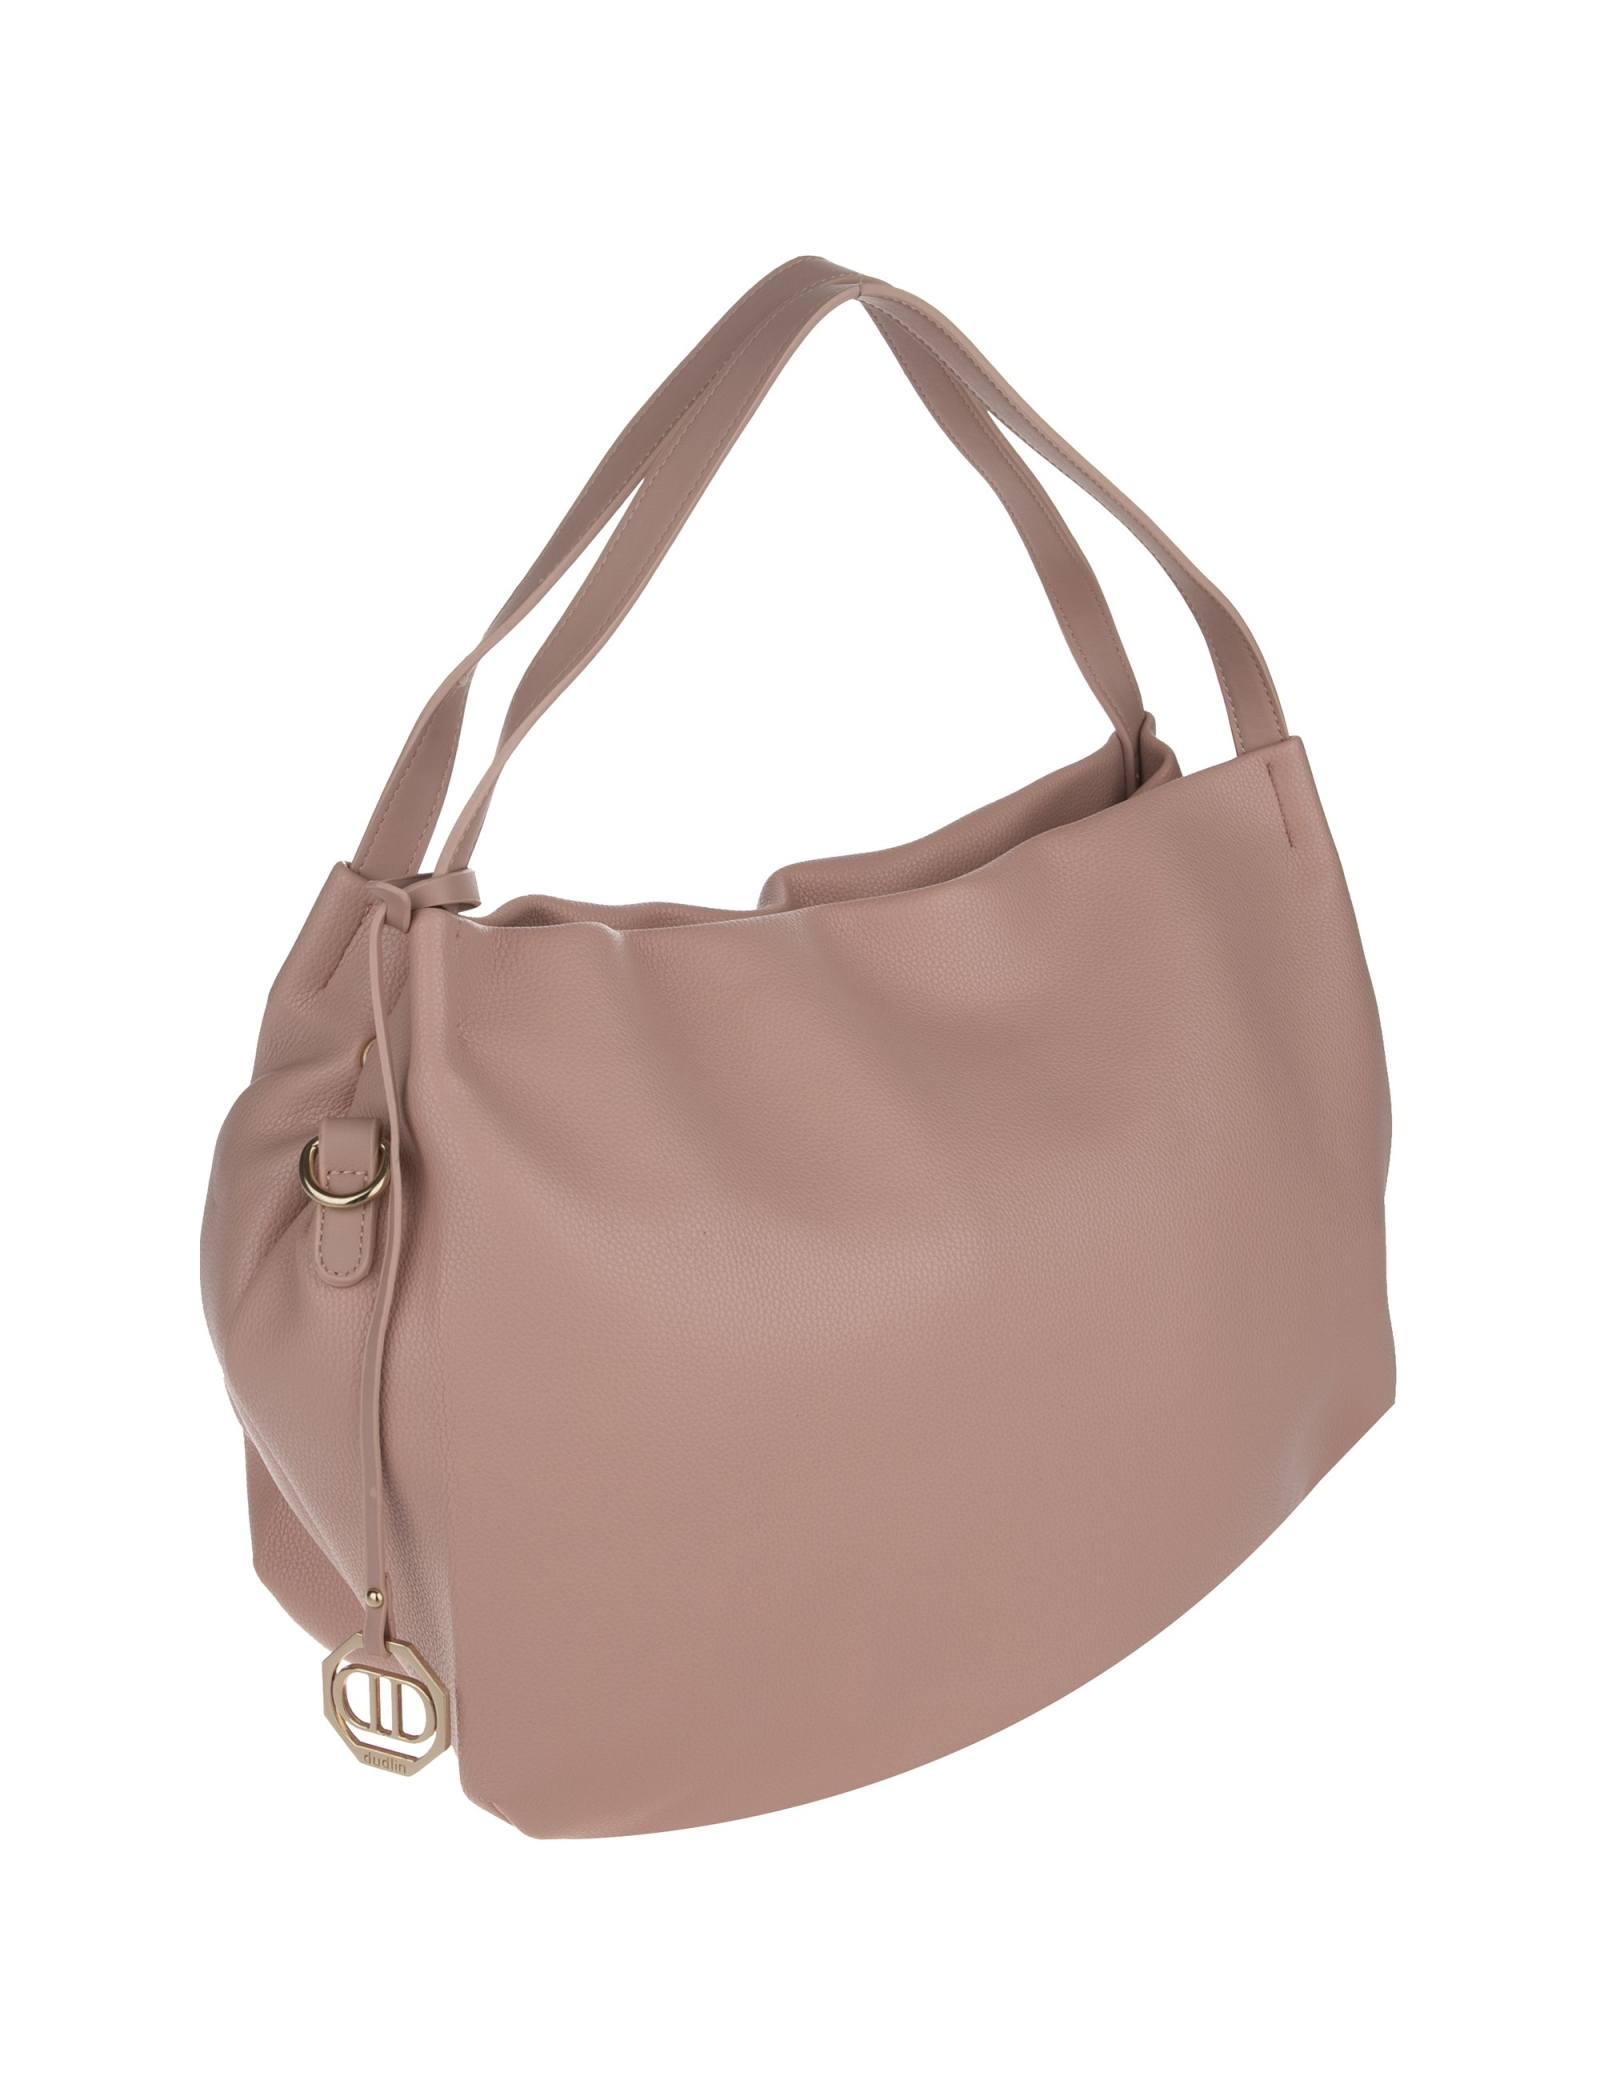 کیف دوشی روزمره زنانه - دادلین تک سایز - صورتي - 4